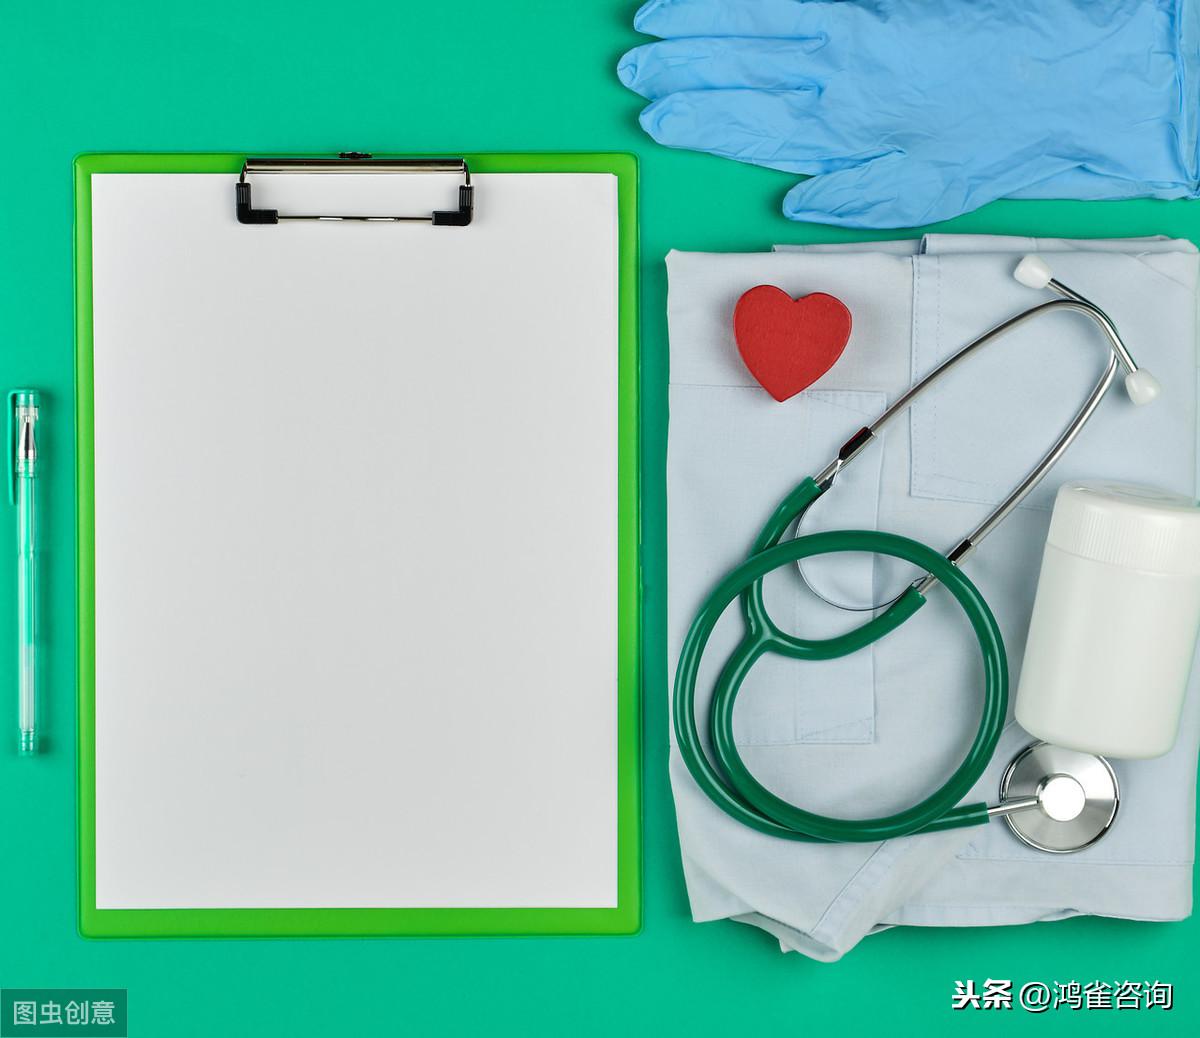 医疗器械证如何办理?